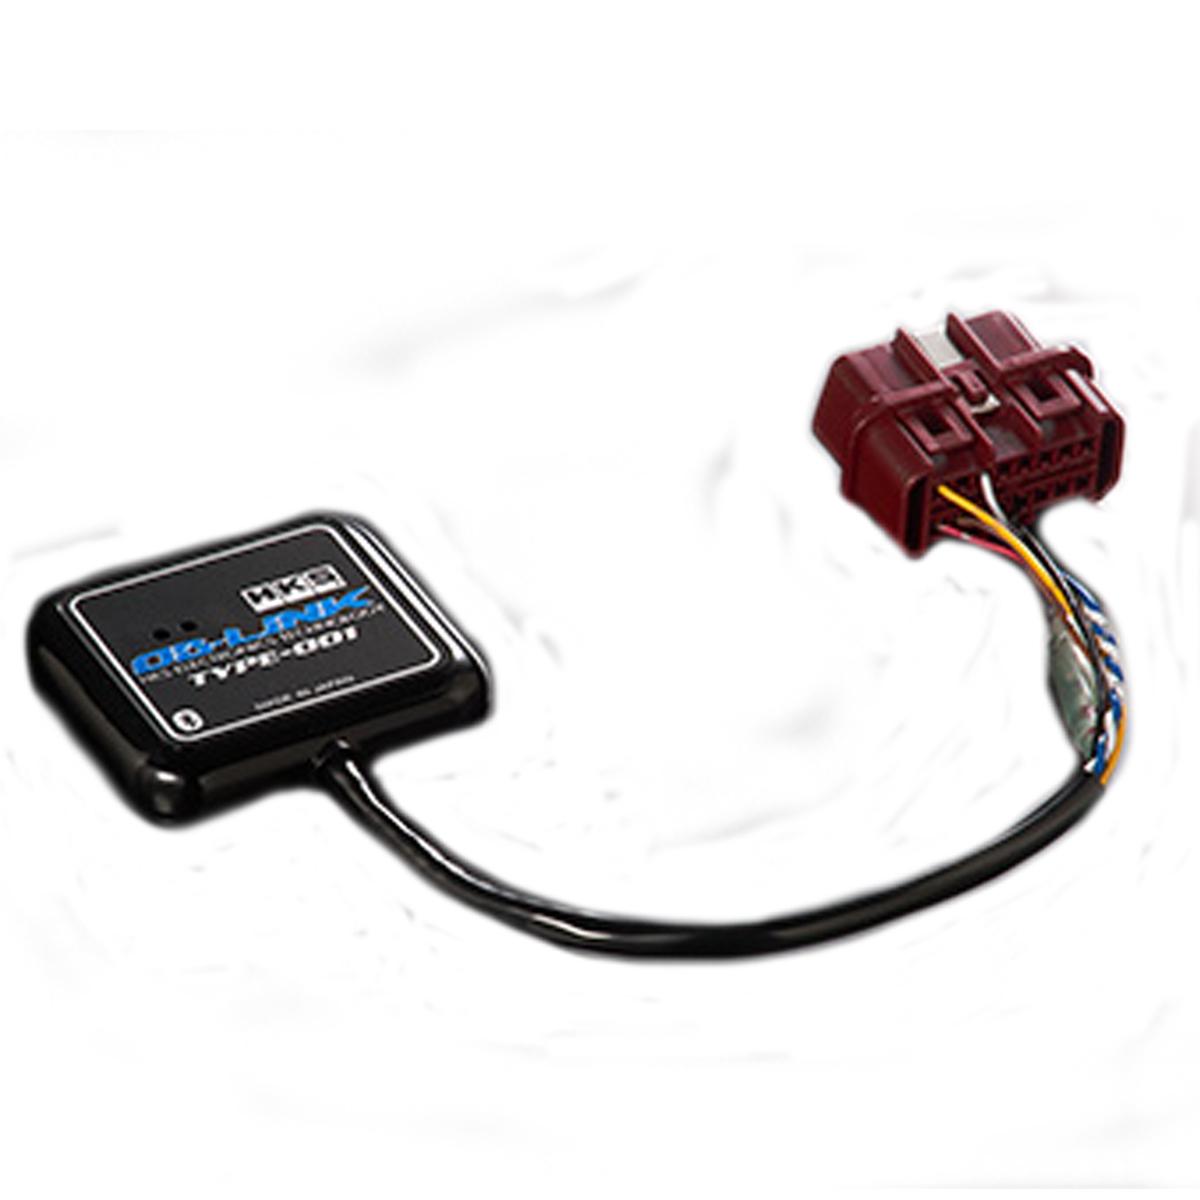 ネイキッド モニター OBリンク タイプ 001 L705S/L760S HKS 44009-AK002 エレクトリニクス